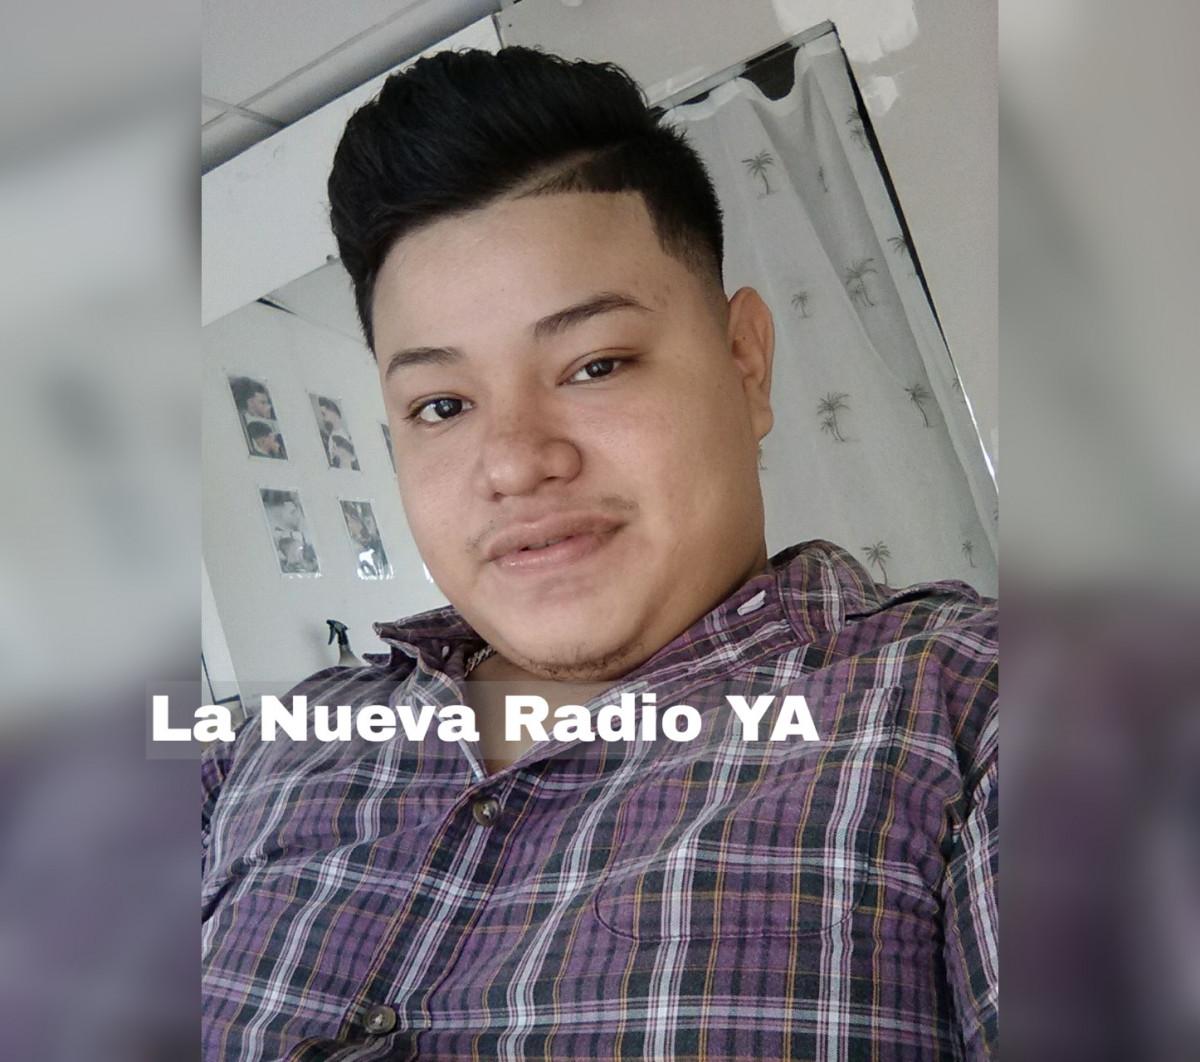 Erving Vargas sobrevivió al accidente con diversas lesiones